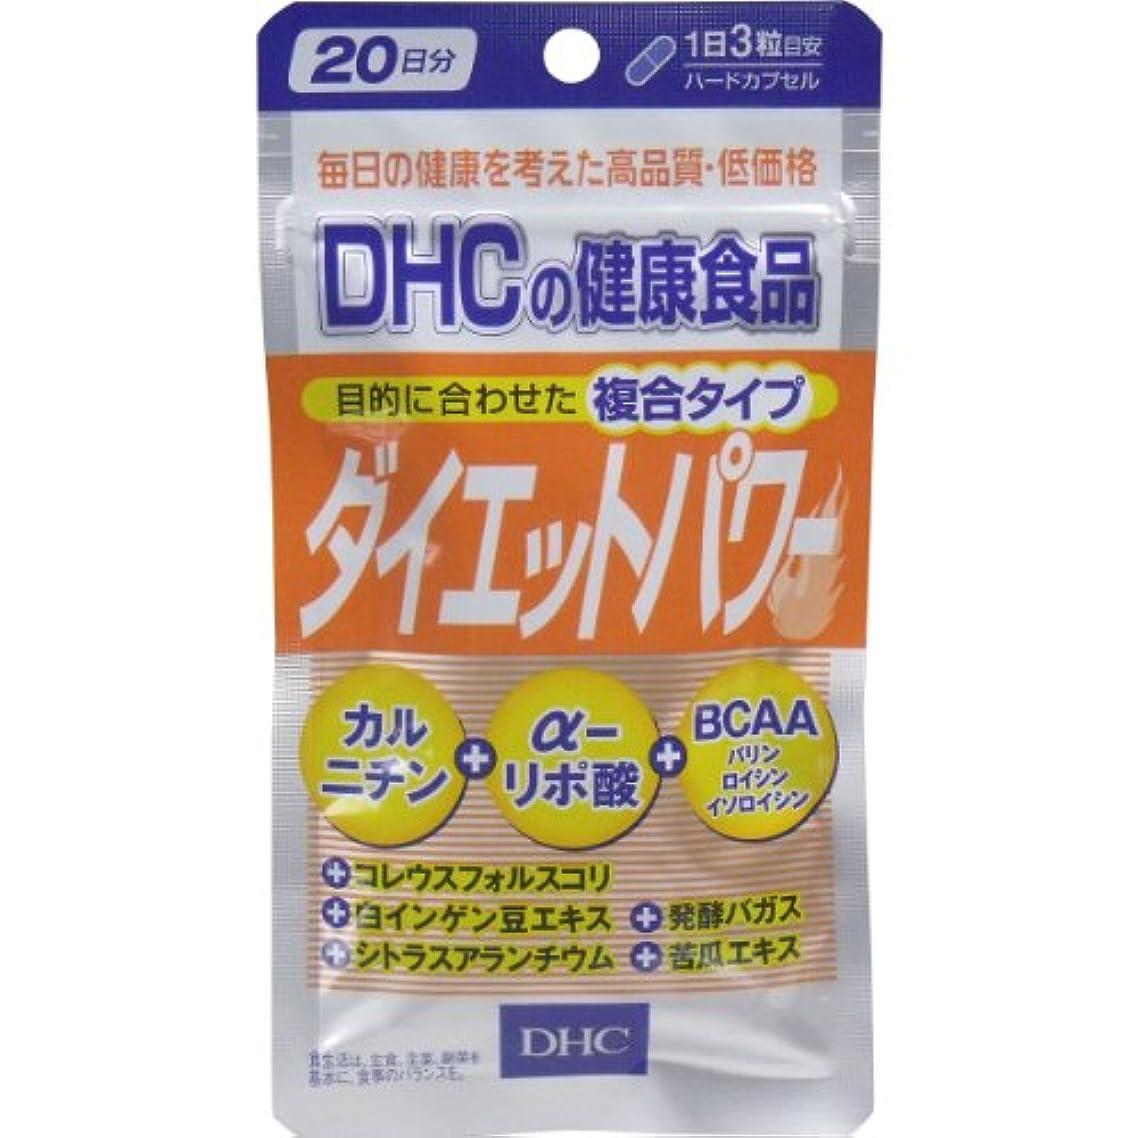 崇拝する提唱する性能DHC ダイエットパワー 60粒入 20日分